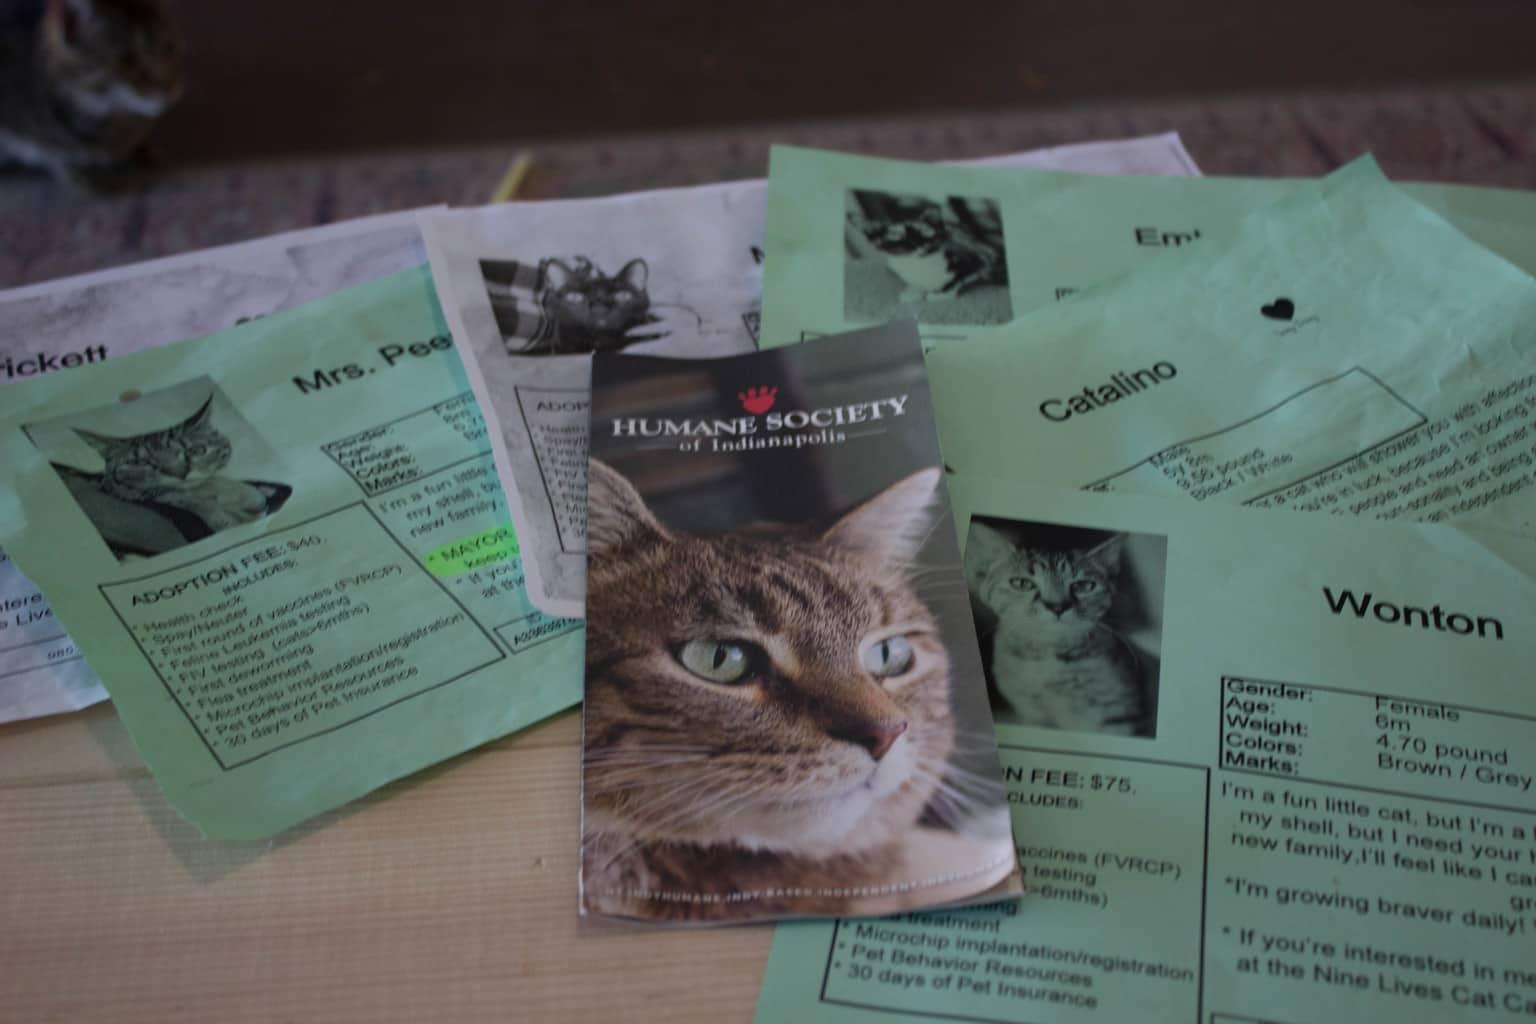 NINE LIVES CAT CAFE INDY